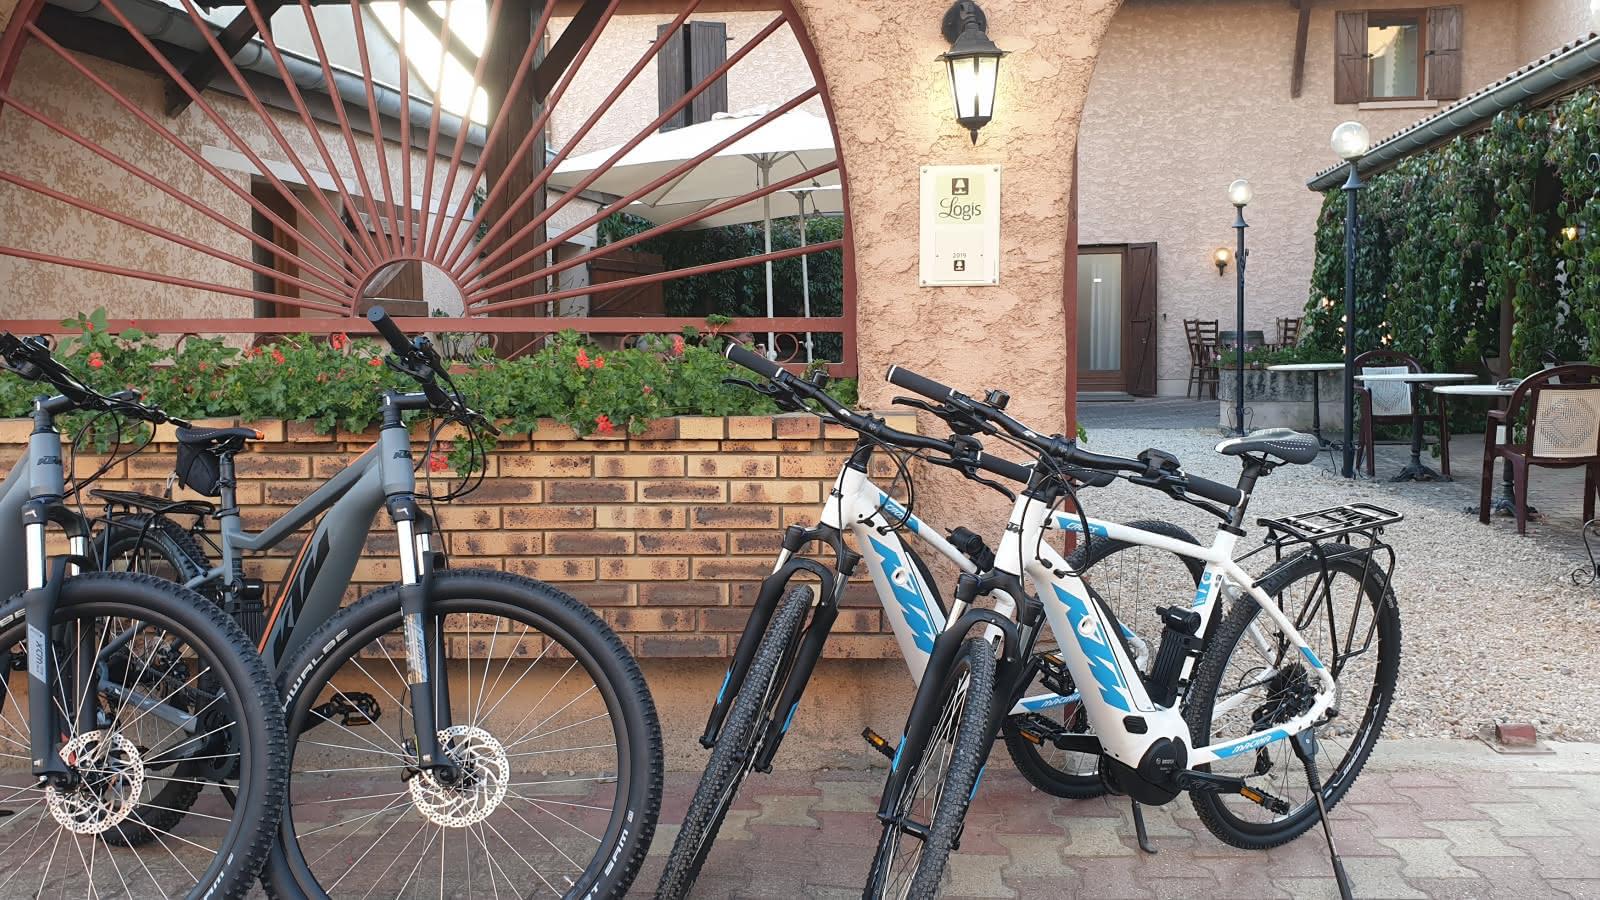 location de vélos à assistance électrique à l'Hôtel les 10 crus à Corcelles